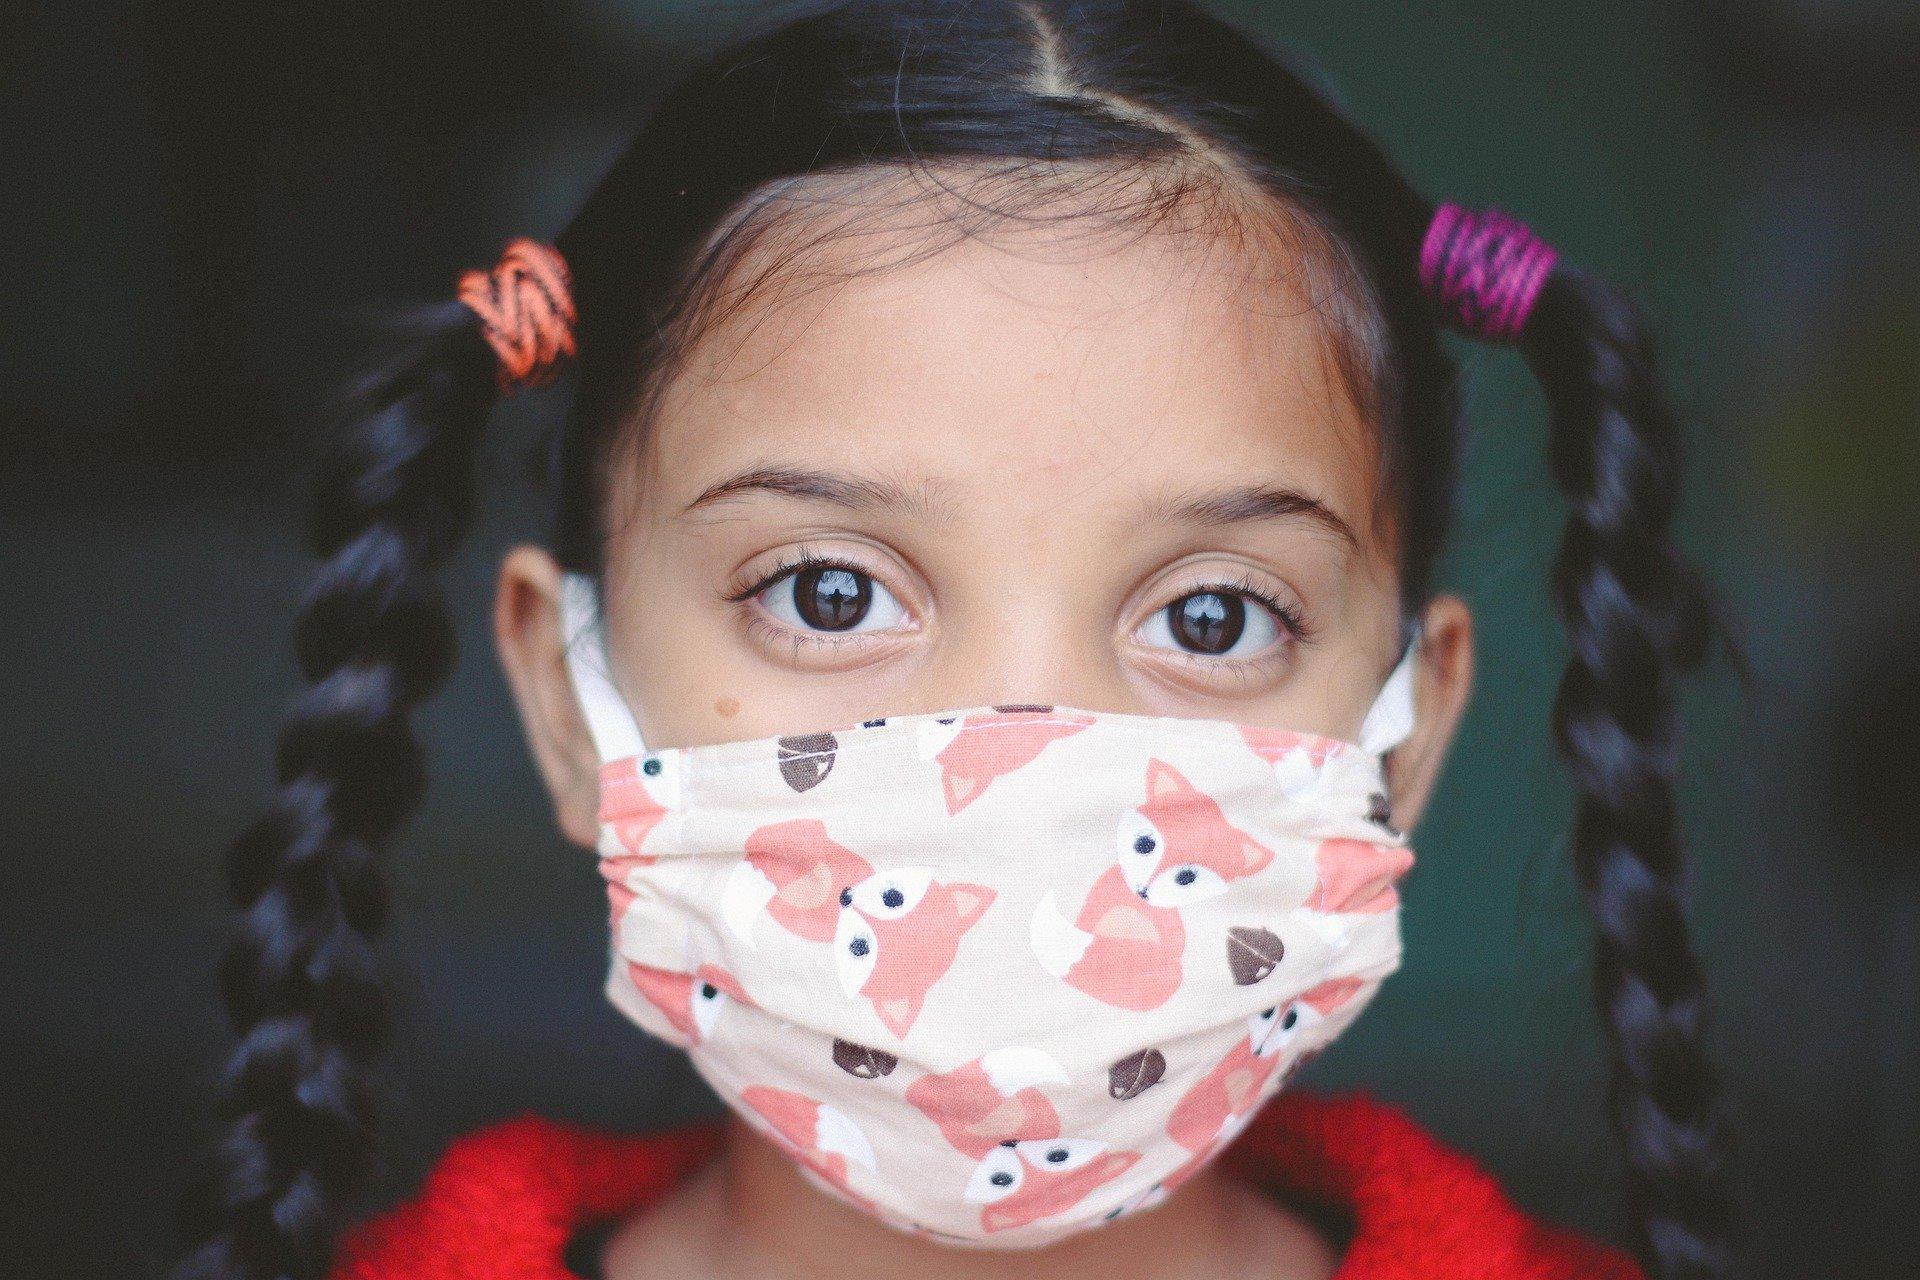 Gwałtownie wzrasta liczba infekcji Covid-19 wśród dzieci - Zdjęcie główne